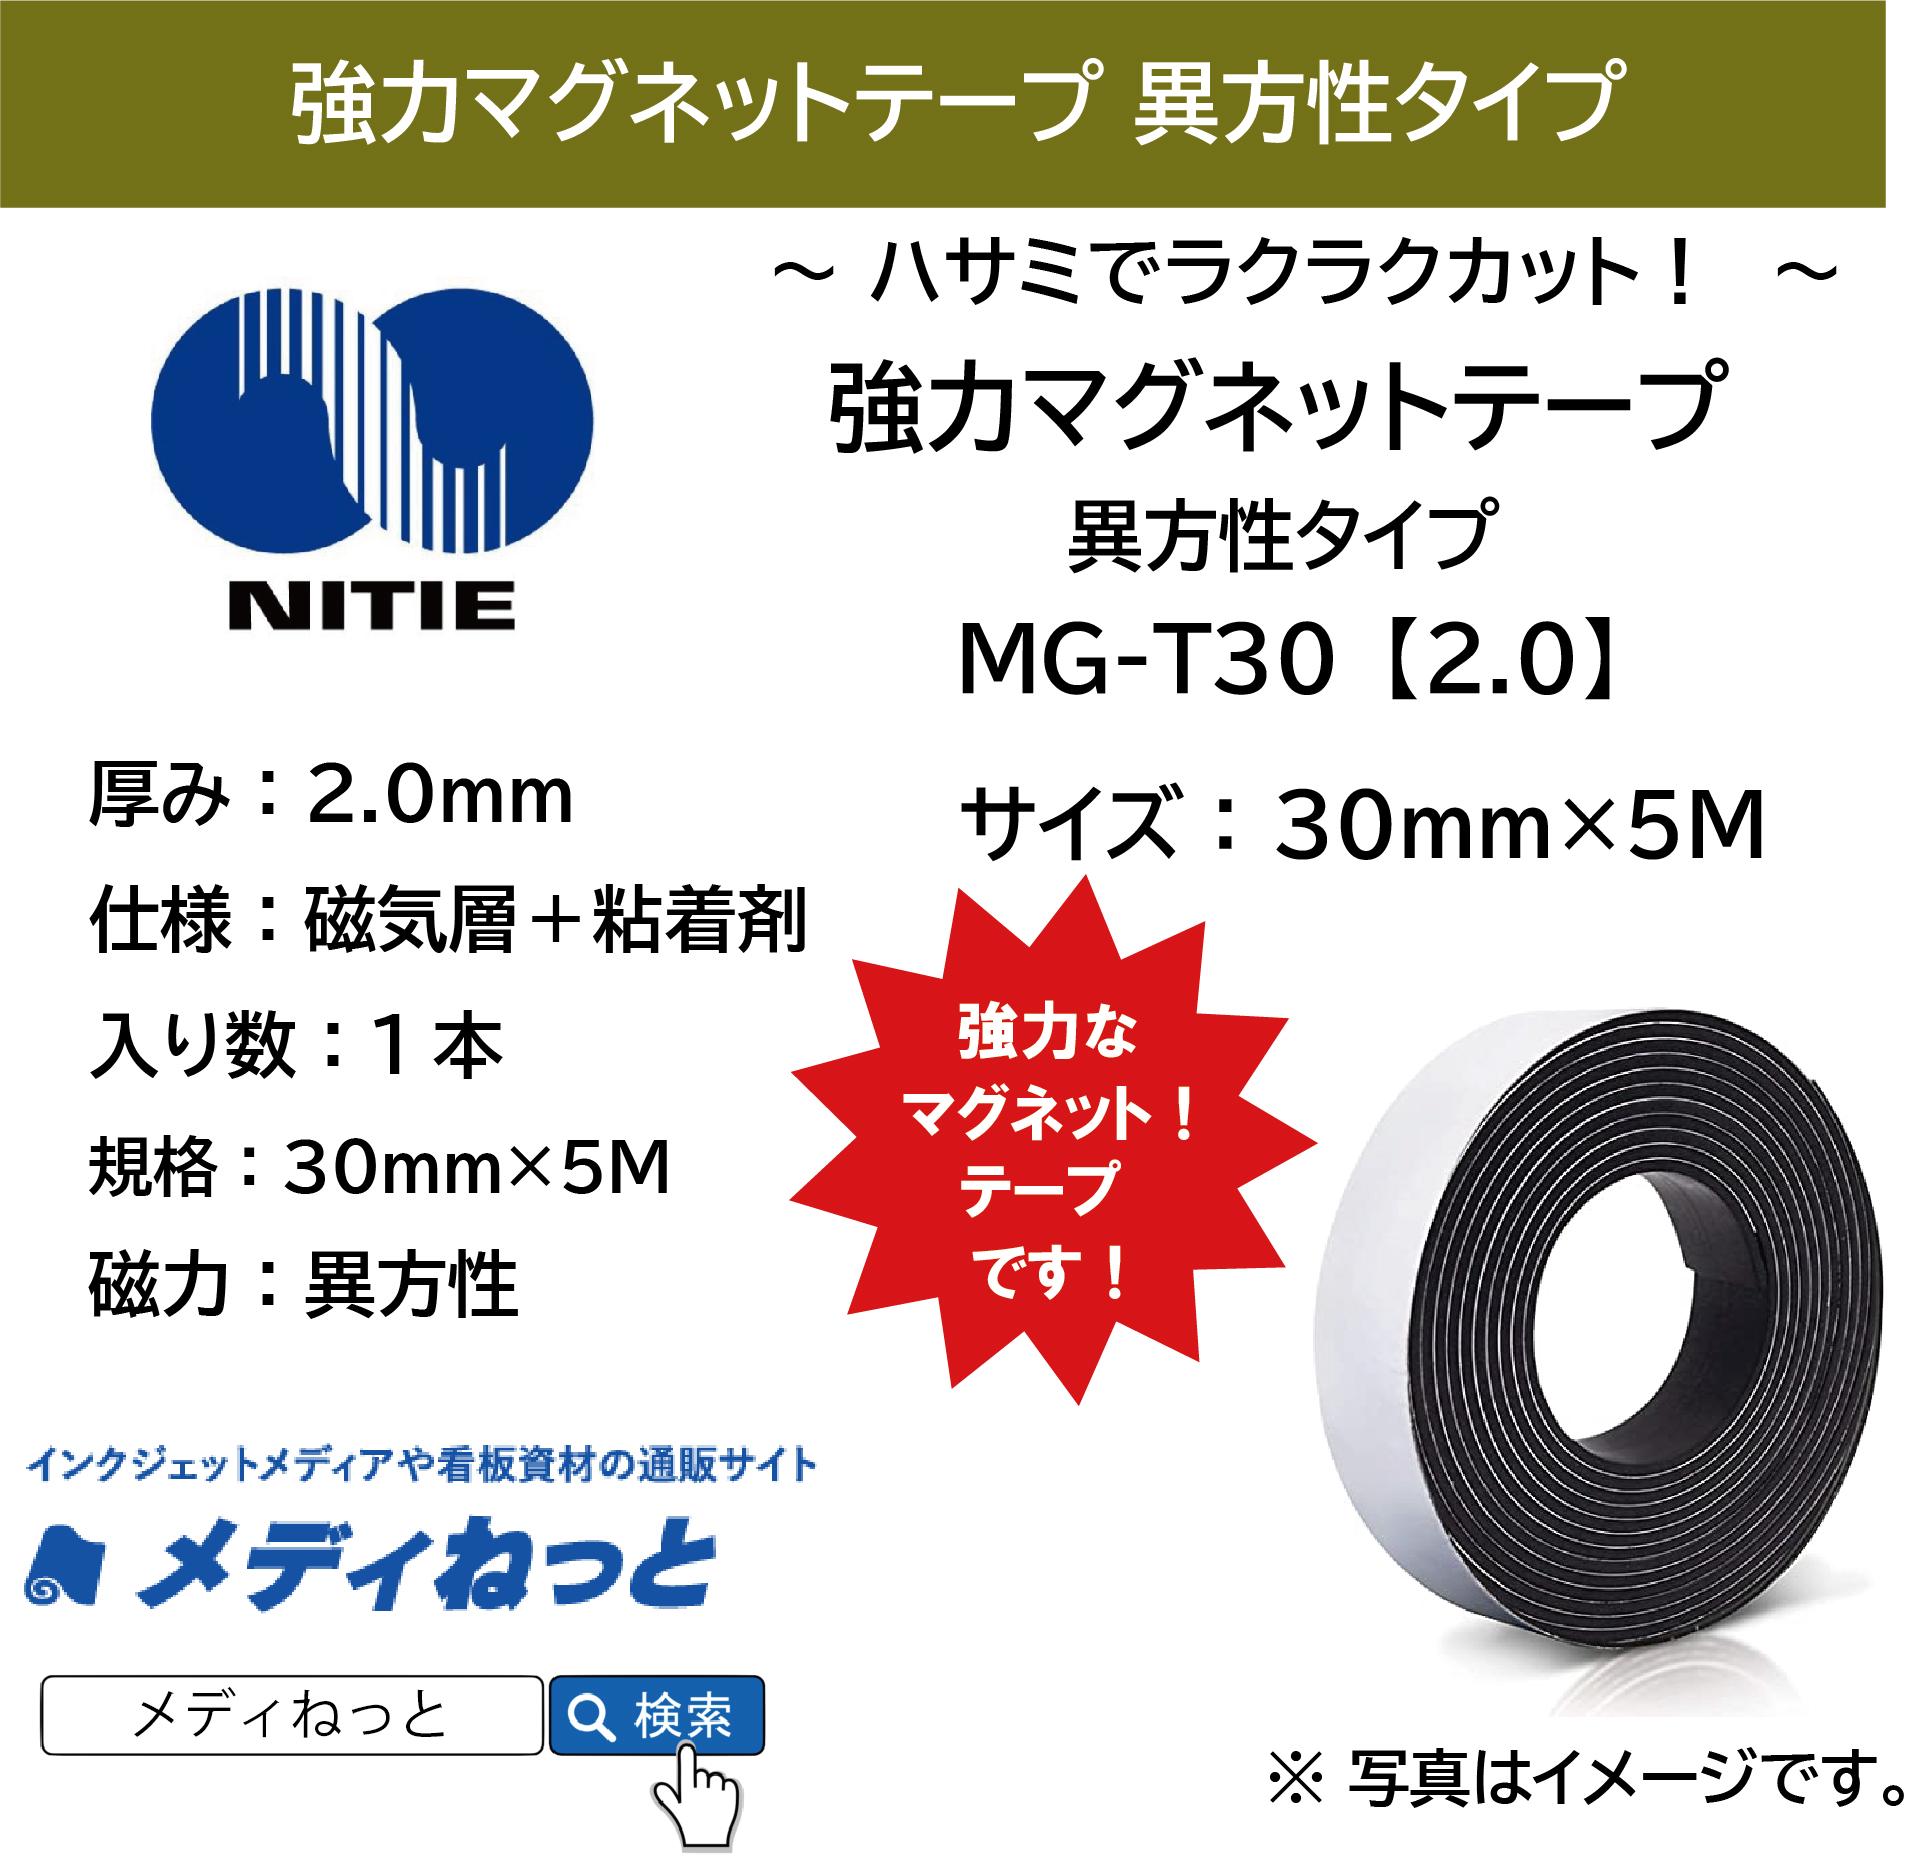 強力マグネットテープ 異方性(MG-T30【2.0】) 厚み:2.0mm / サイズ:30mm×5M